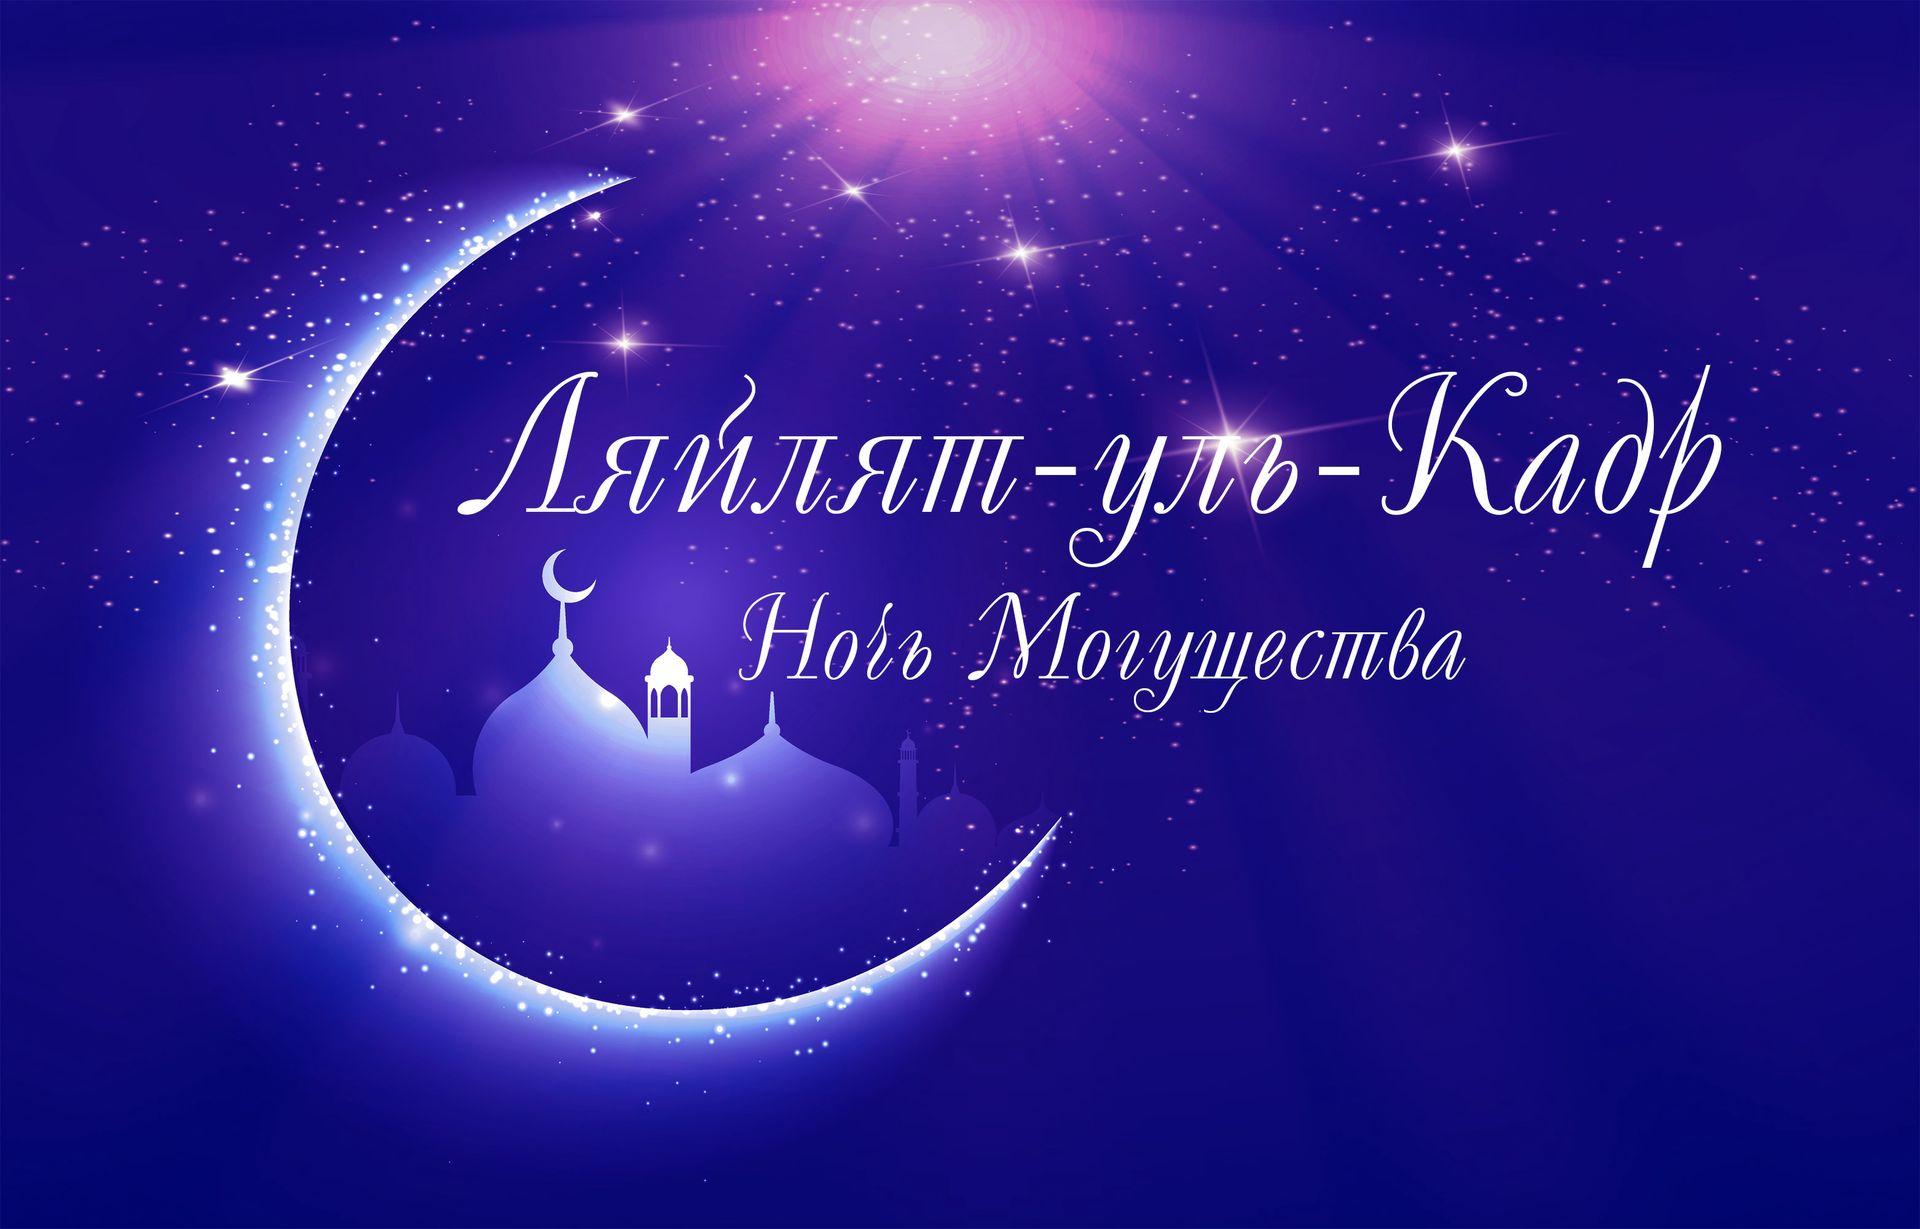 Прикольные, картинки мусульманам спокойной ночи